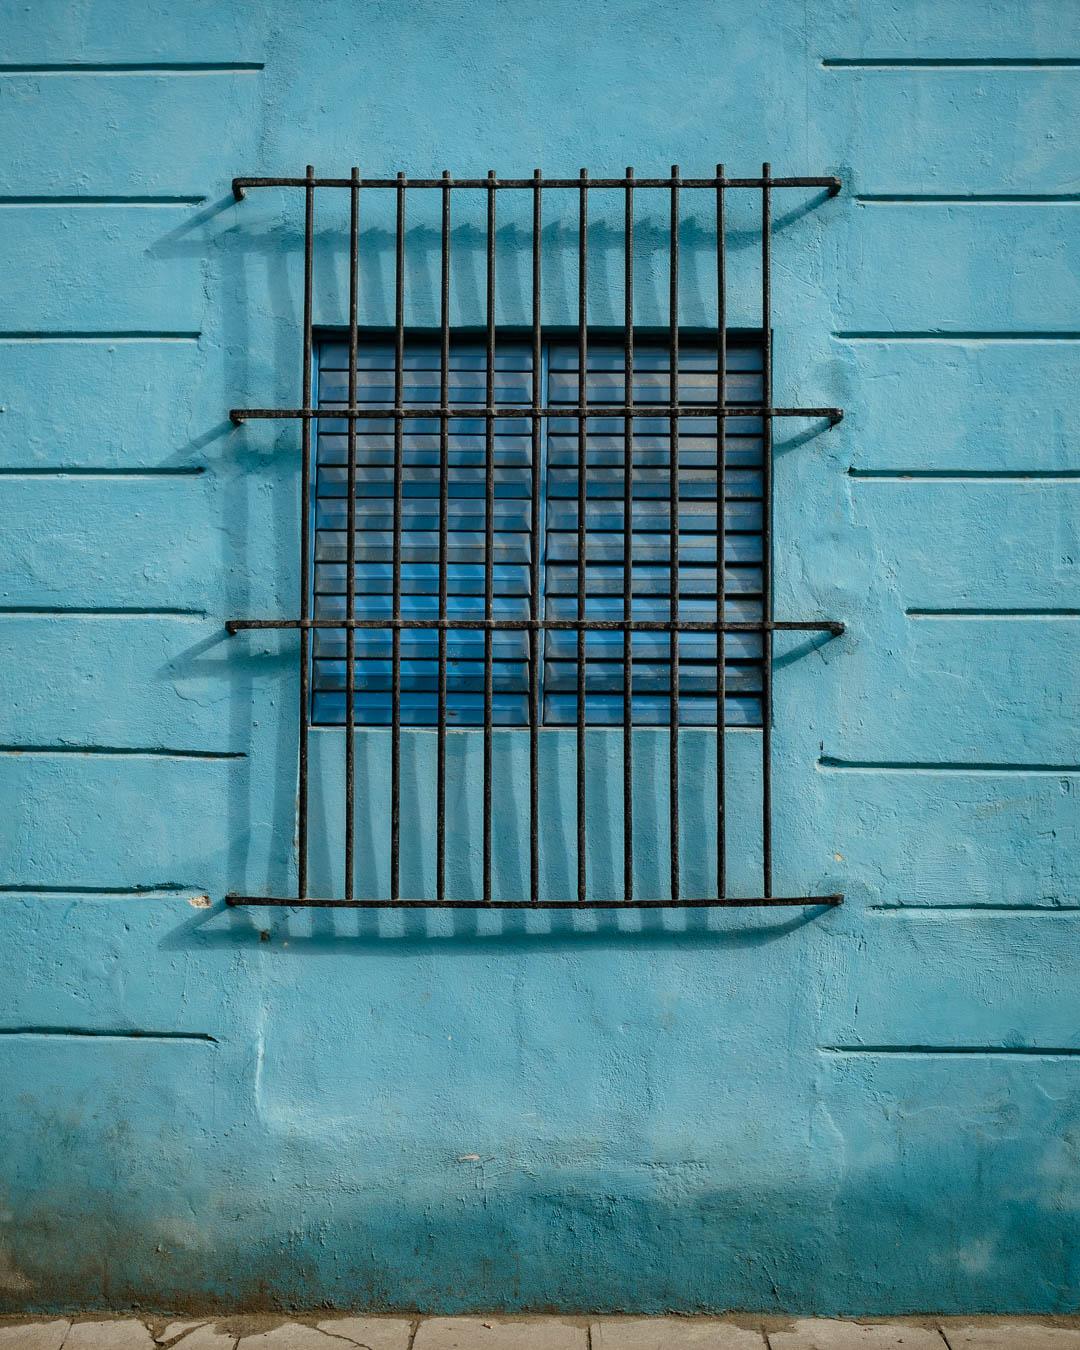 180426-Havana-215-1080.jpg